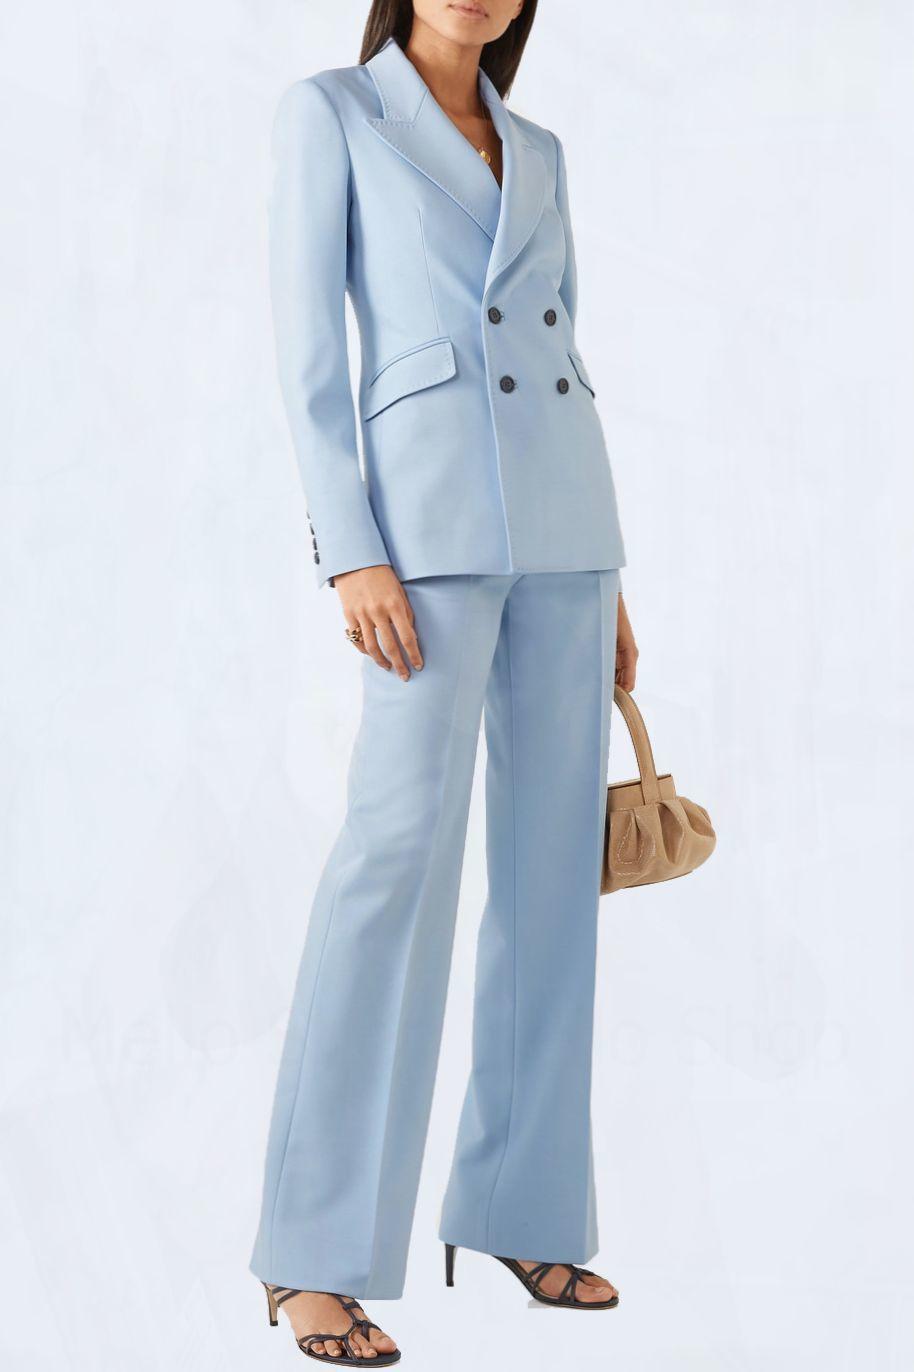 Костюмы ручной работы. Ярмарка Мастеров - ручная работа. Купить Женский костюм. Этот деловой костюм подойдет для работы и на выход. Handmade.